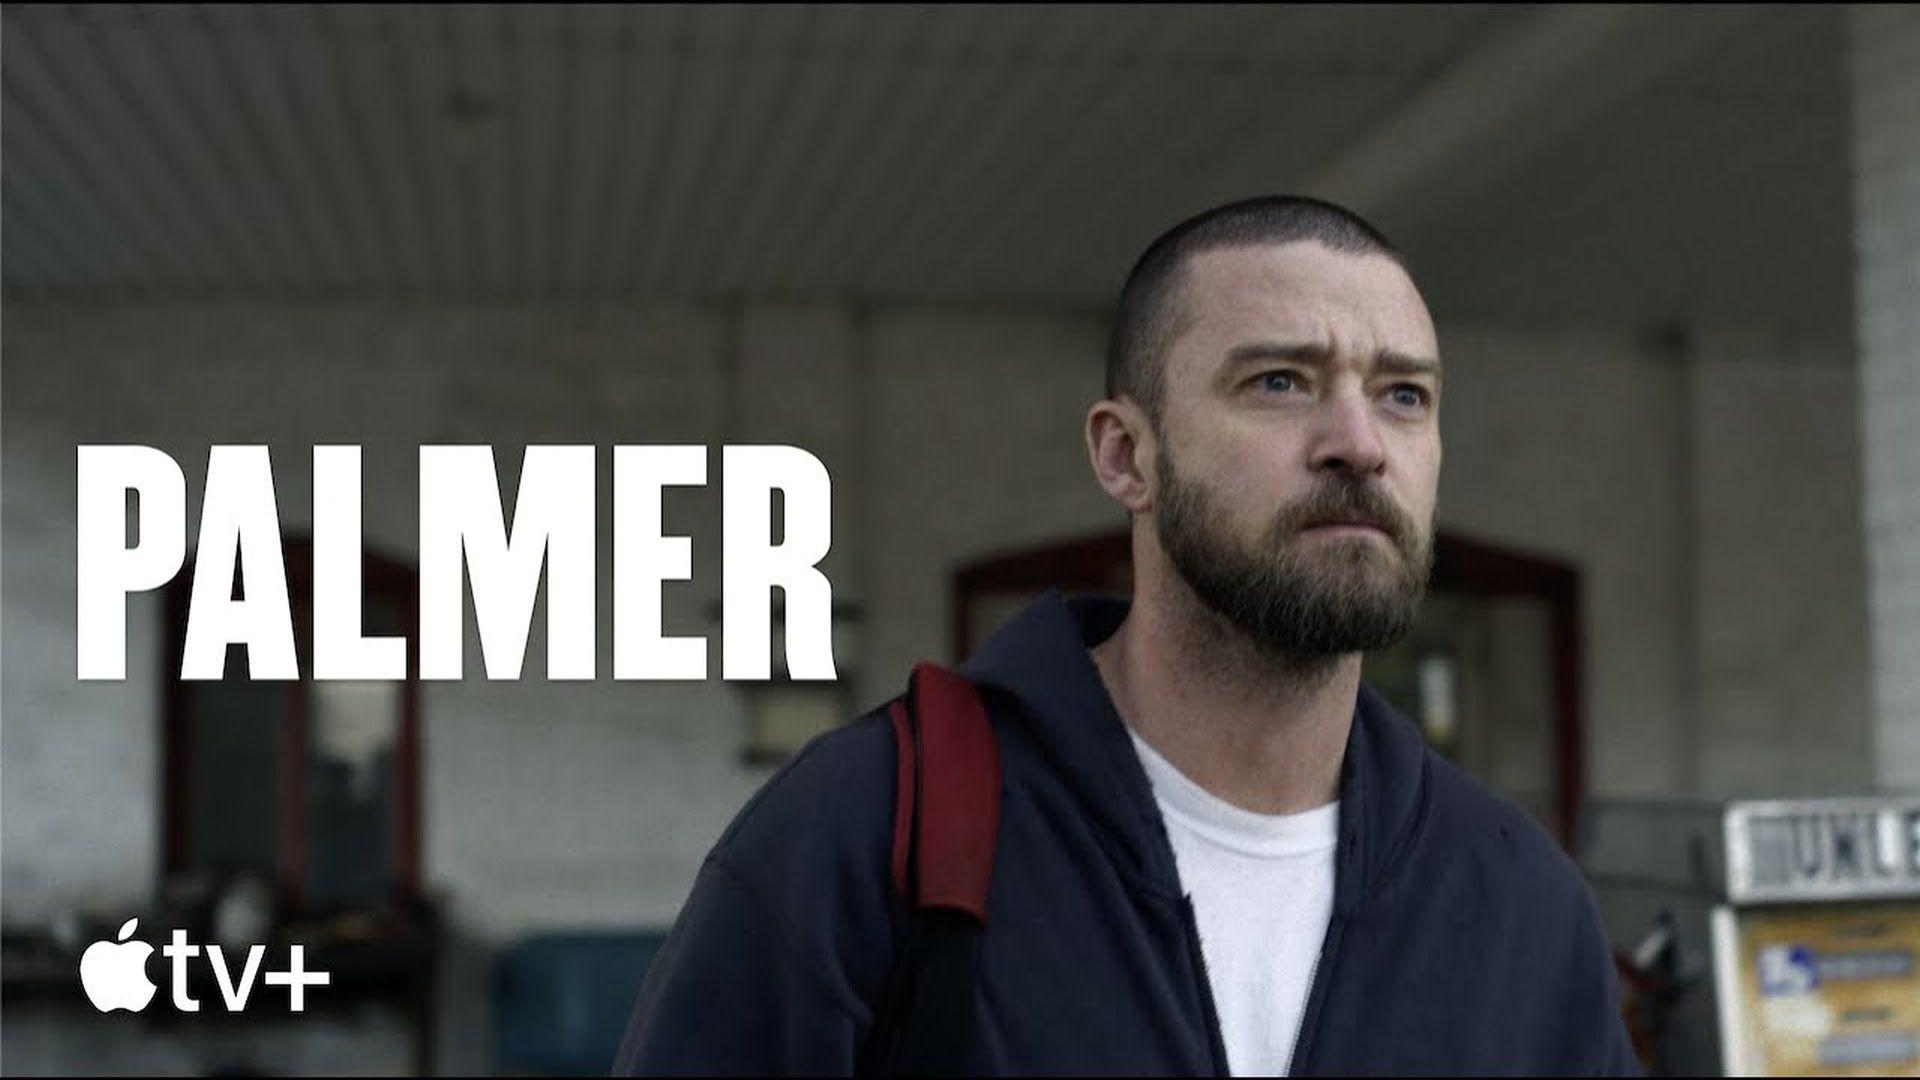 """Firma Apple udostępniła trailer filmu """"Palmer"""" z Justinem Timberlakiem"""